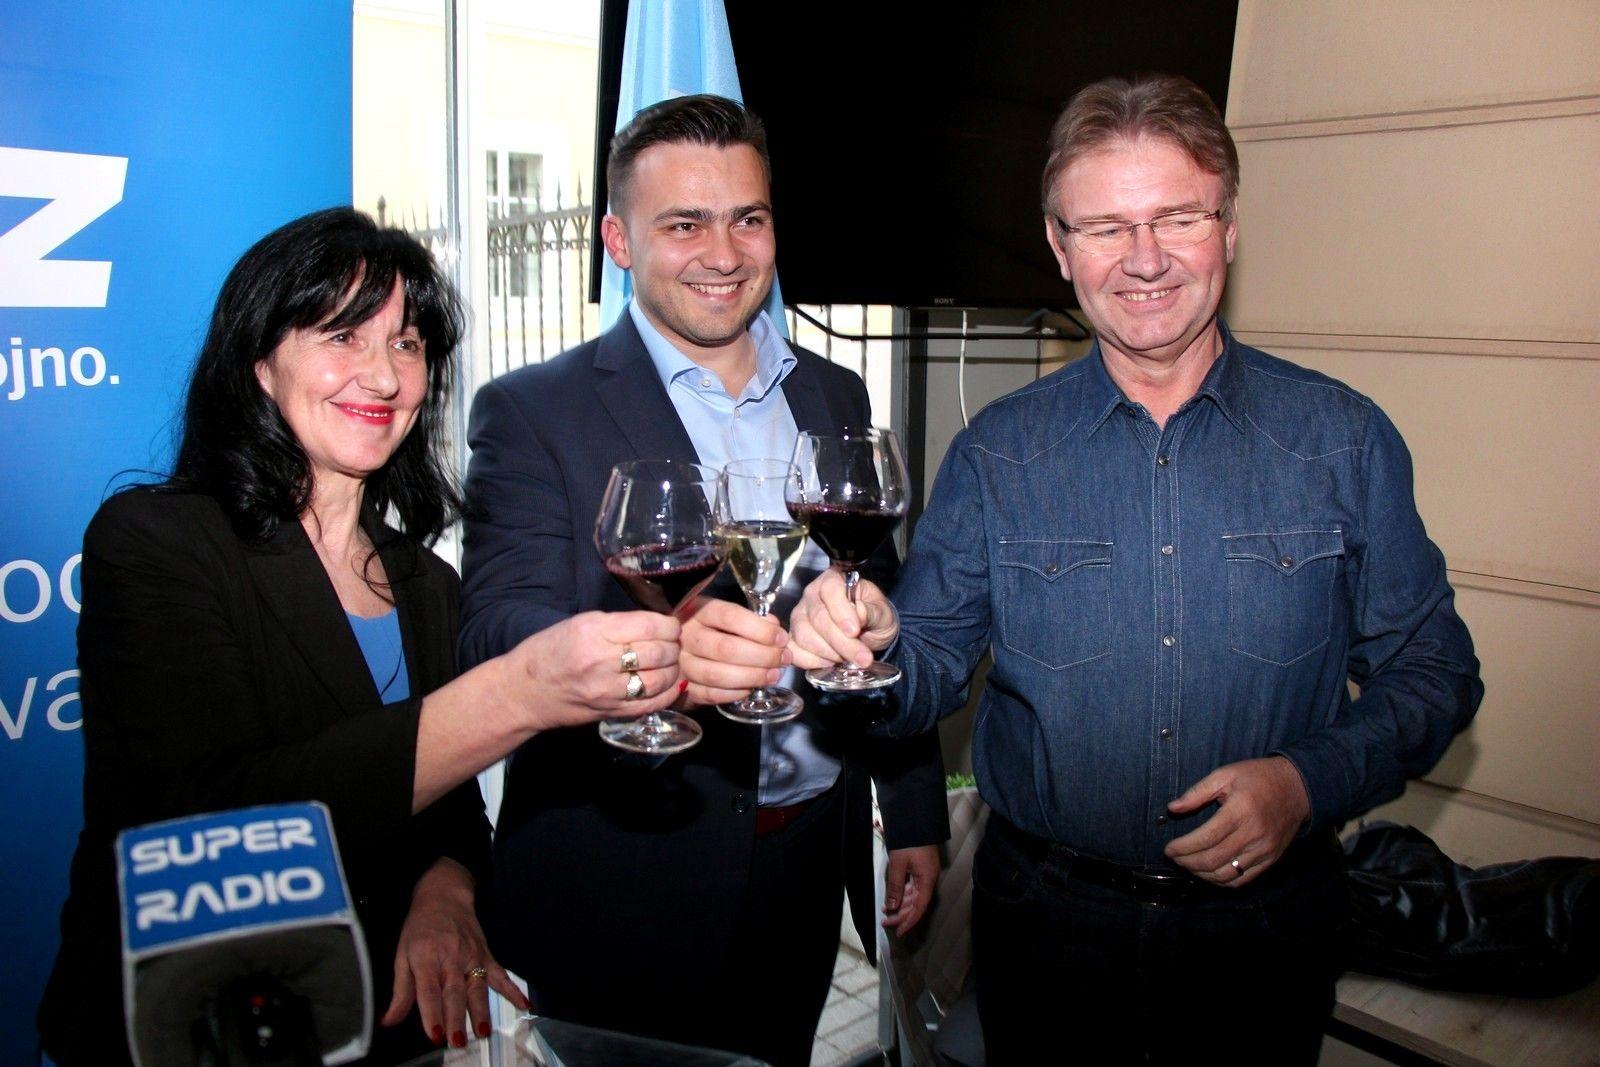 HDZ-ov kandidat za gradonačelnika Bjelovara ANTE TOPALOVIĆ predstavio svoje zamjenike Višnju Biljan i Marijana Conera